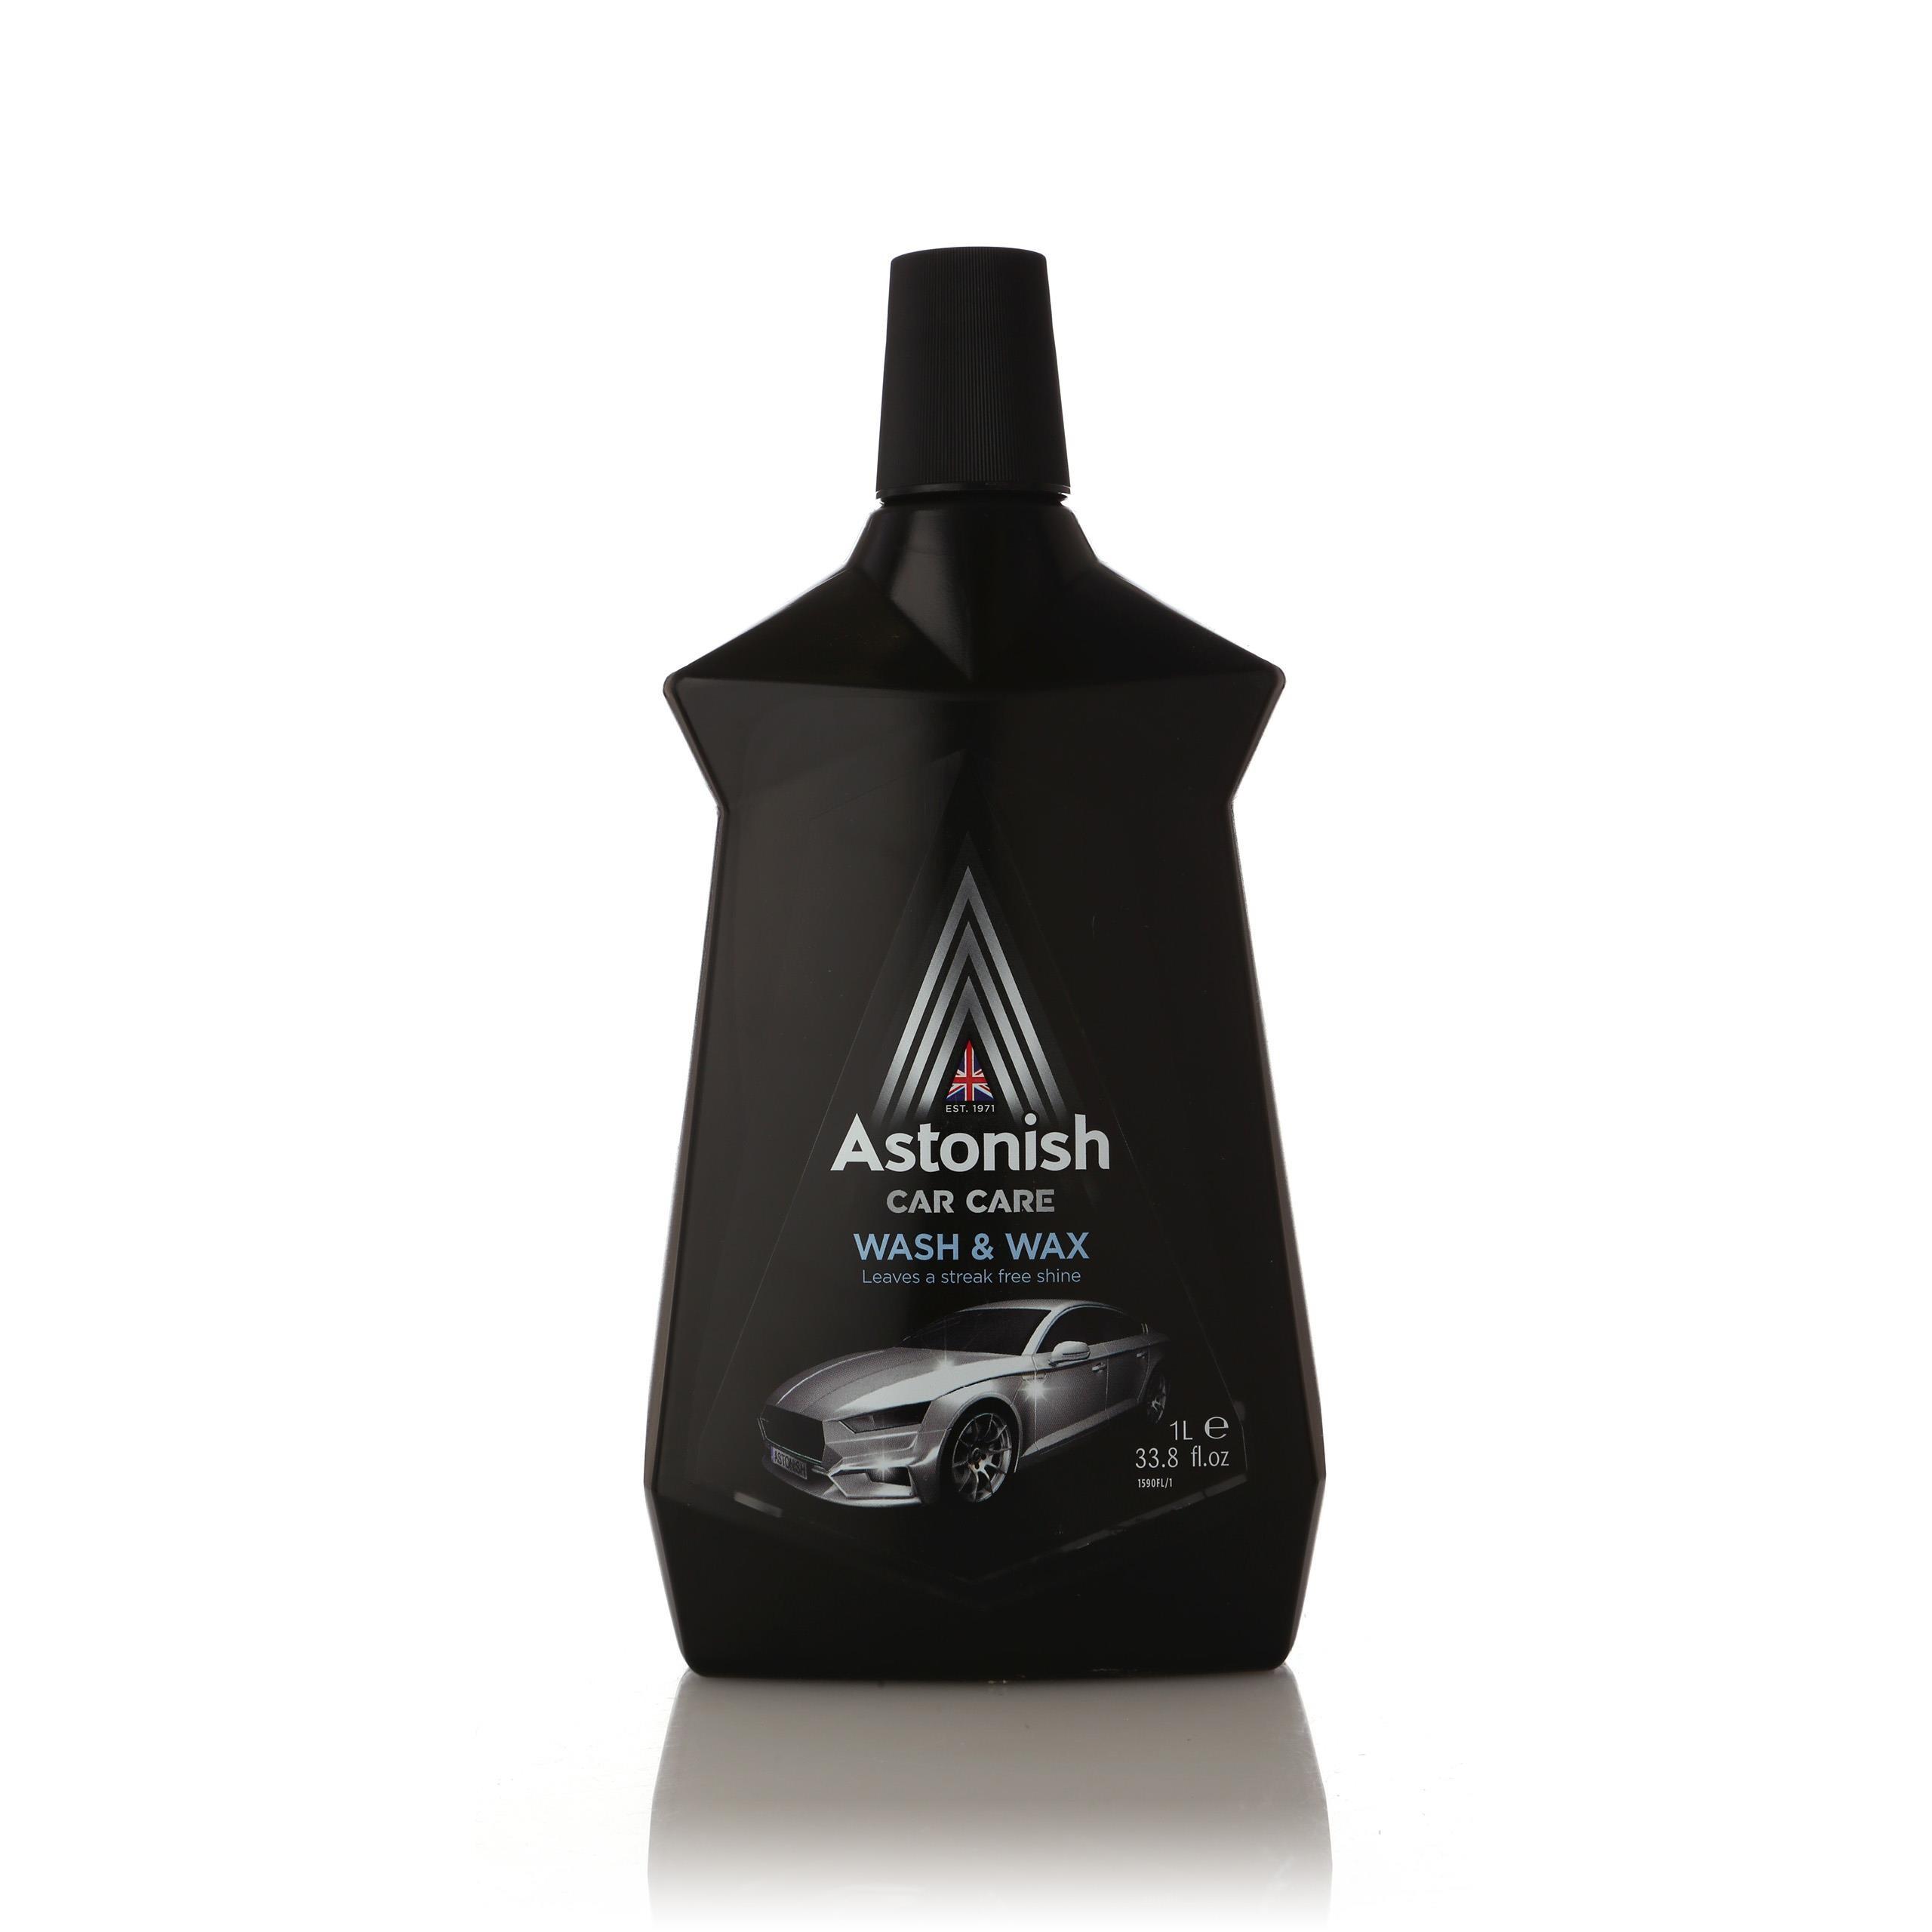 אסטוניש – שטיפה עם ווקס לרכב